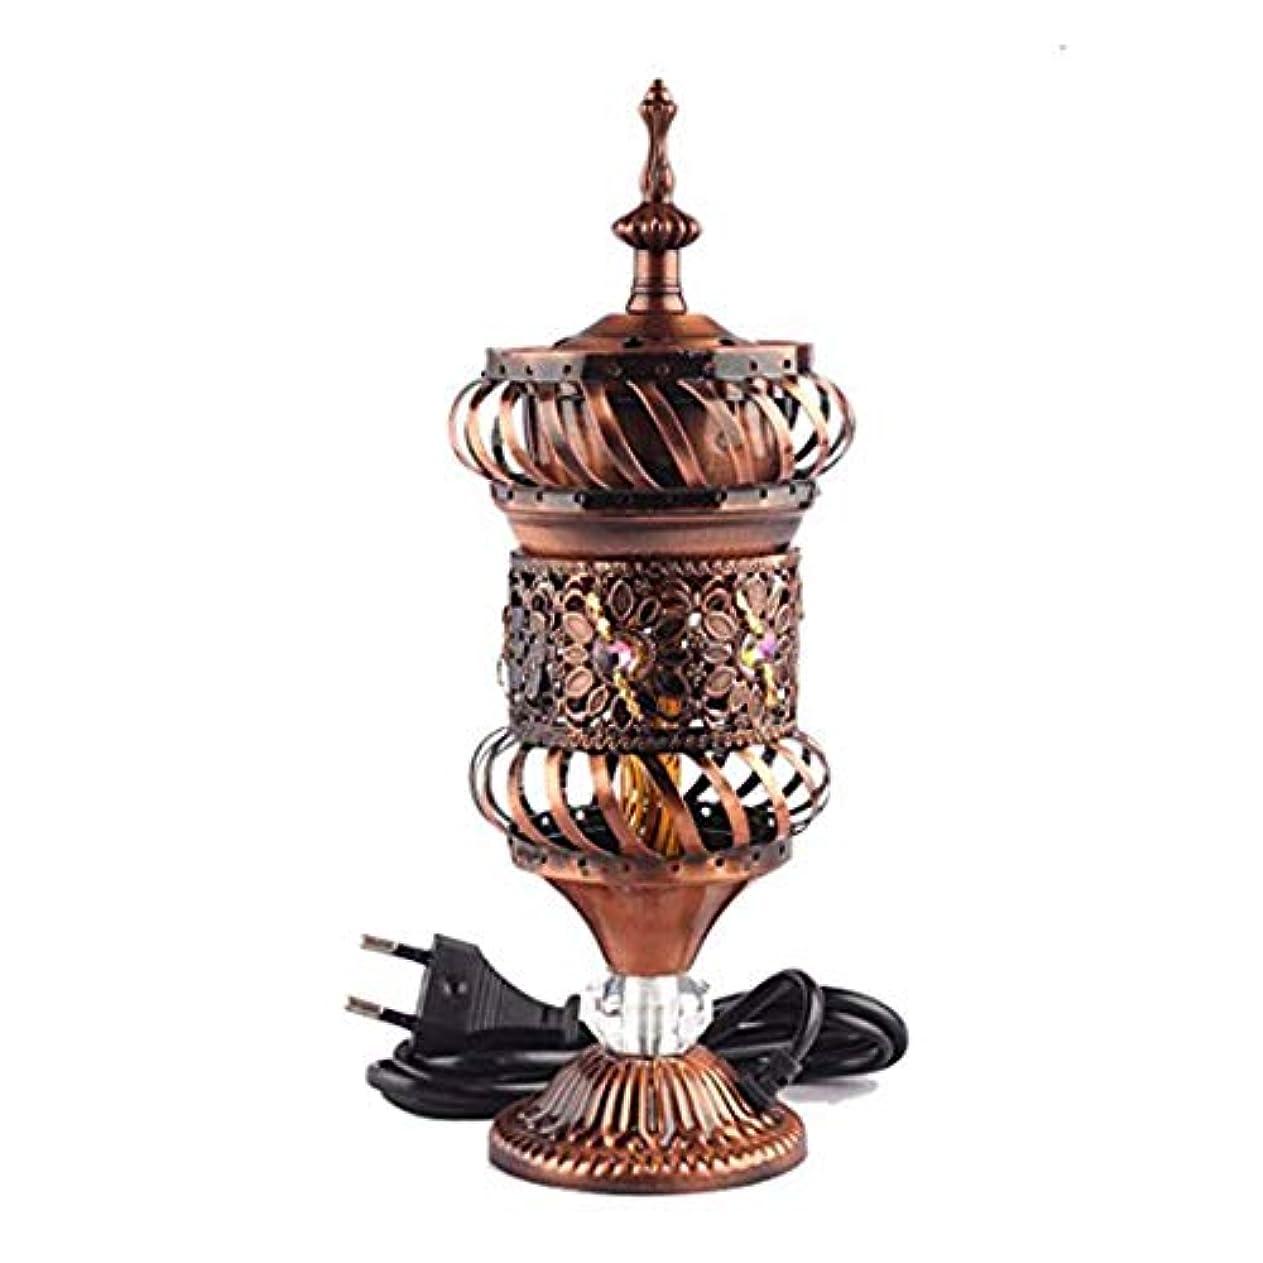 おじさんバインドヘロインOMG-Deal Electric Bakhoor Burner Electric Incense Burner +Camphor- Oud Resin Frankincense Camphor Positive Energy...